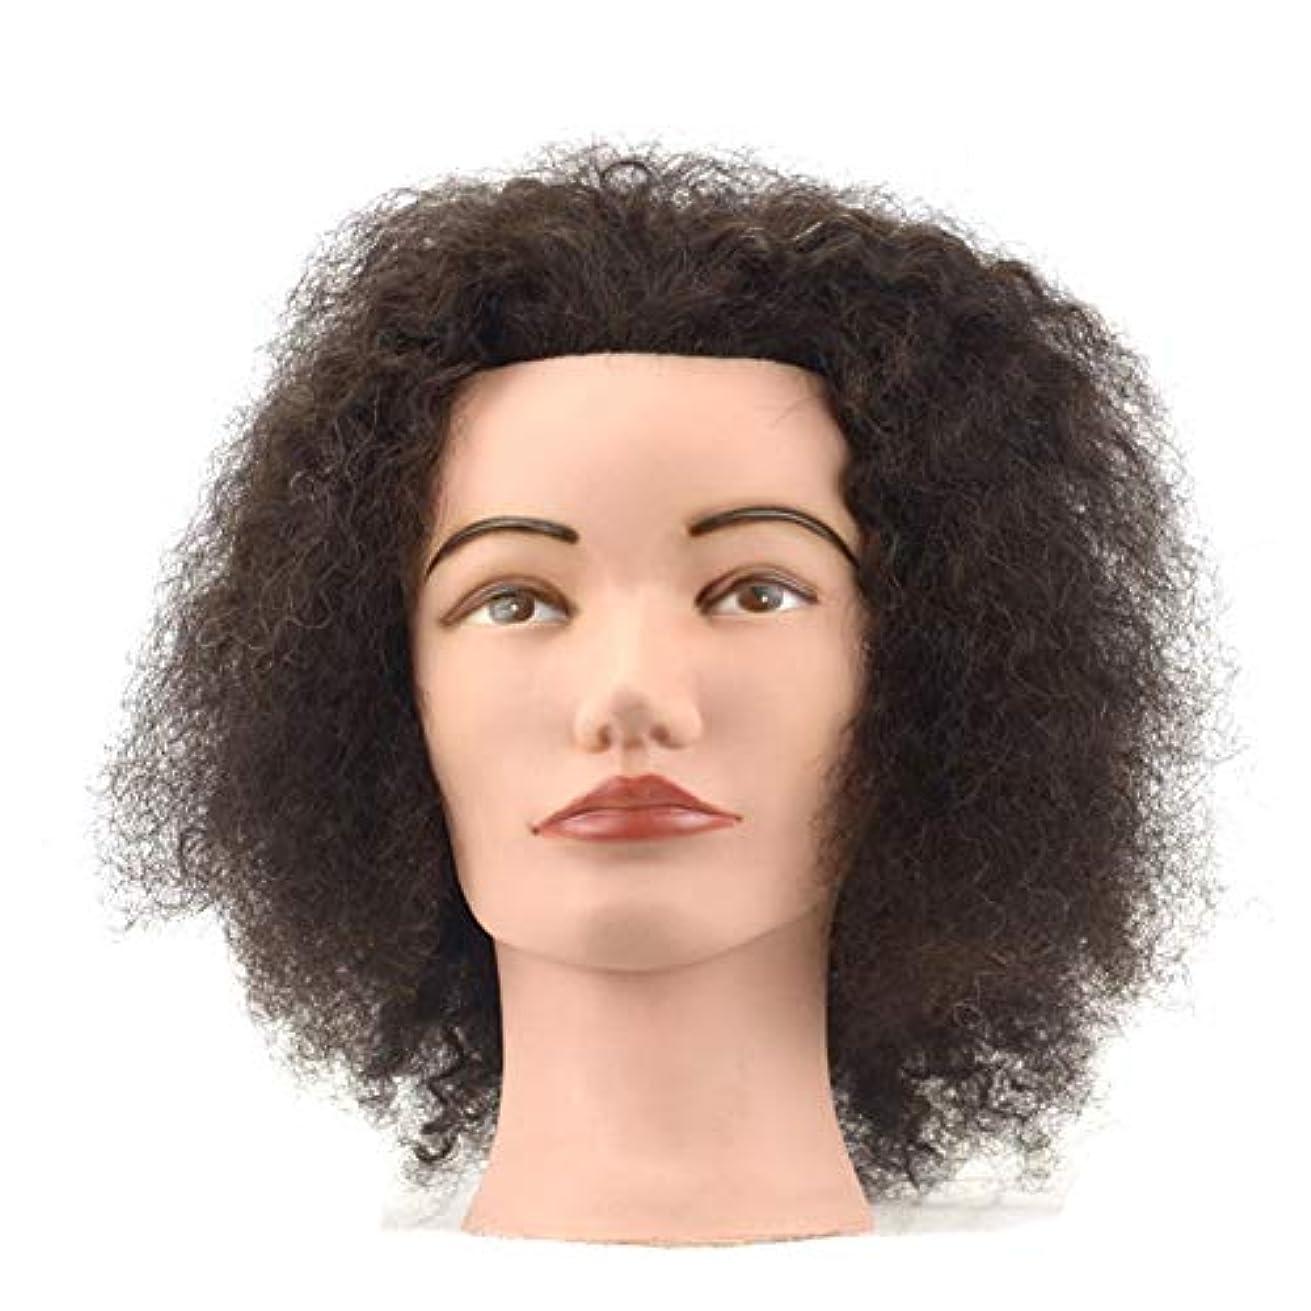 動詞テクニカル滴下ナチュラルブラック爆発カーリーヘッド型リアル人間の髪の毛トレーニングモデルヘッド編組編組演習ダミーヘッド